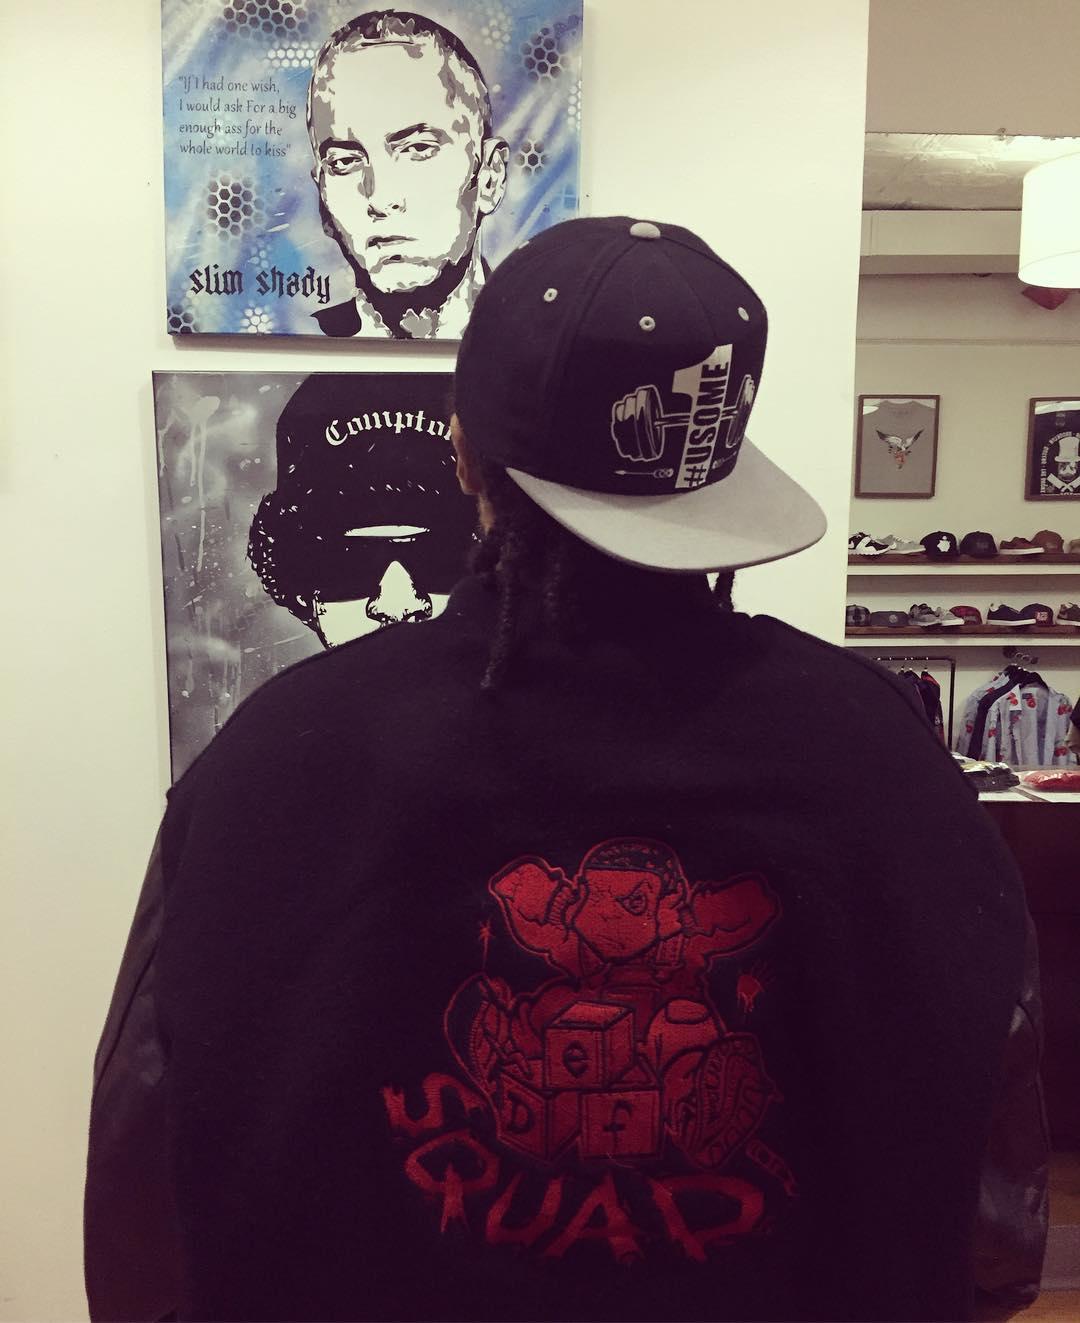 Легендарный Redman подарил редчайшую куртку Def Squad в качестве подарка ко дню рождения Эминема